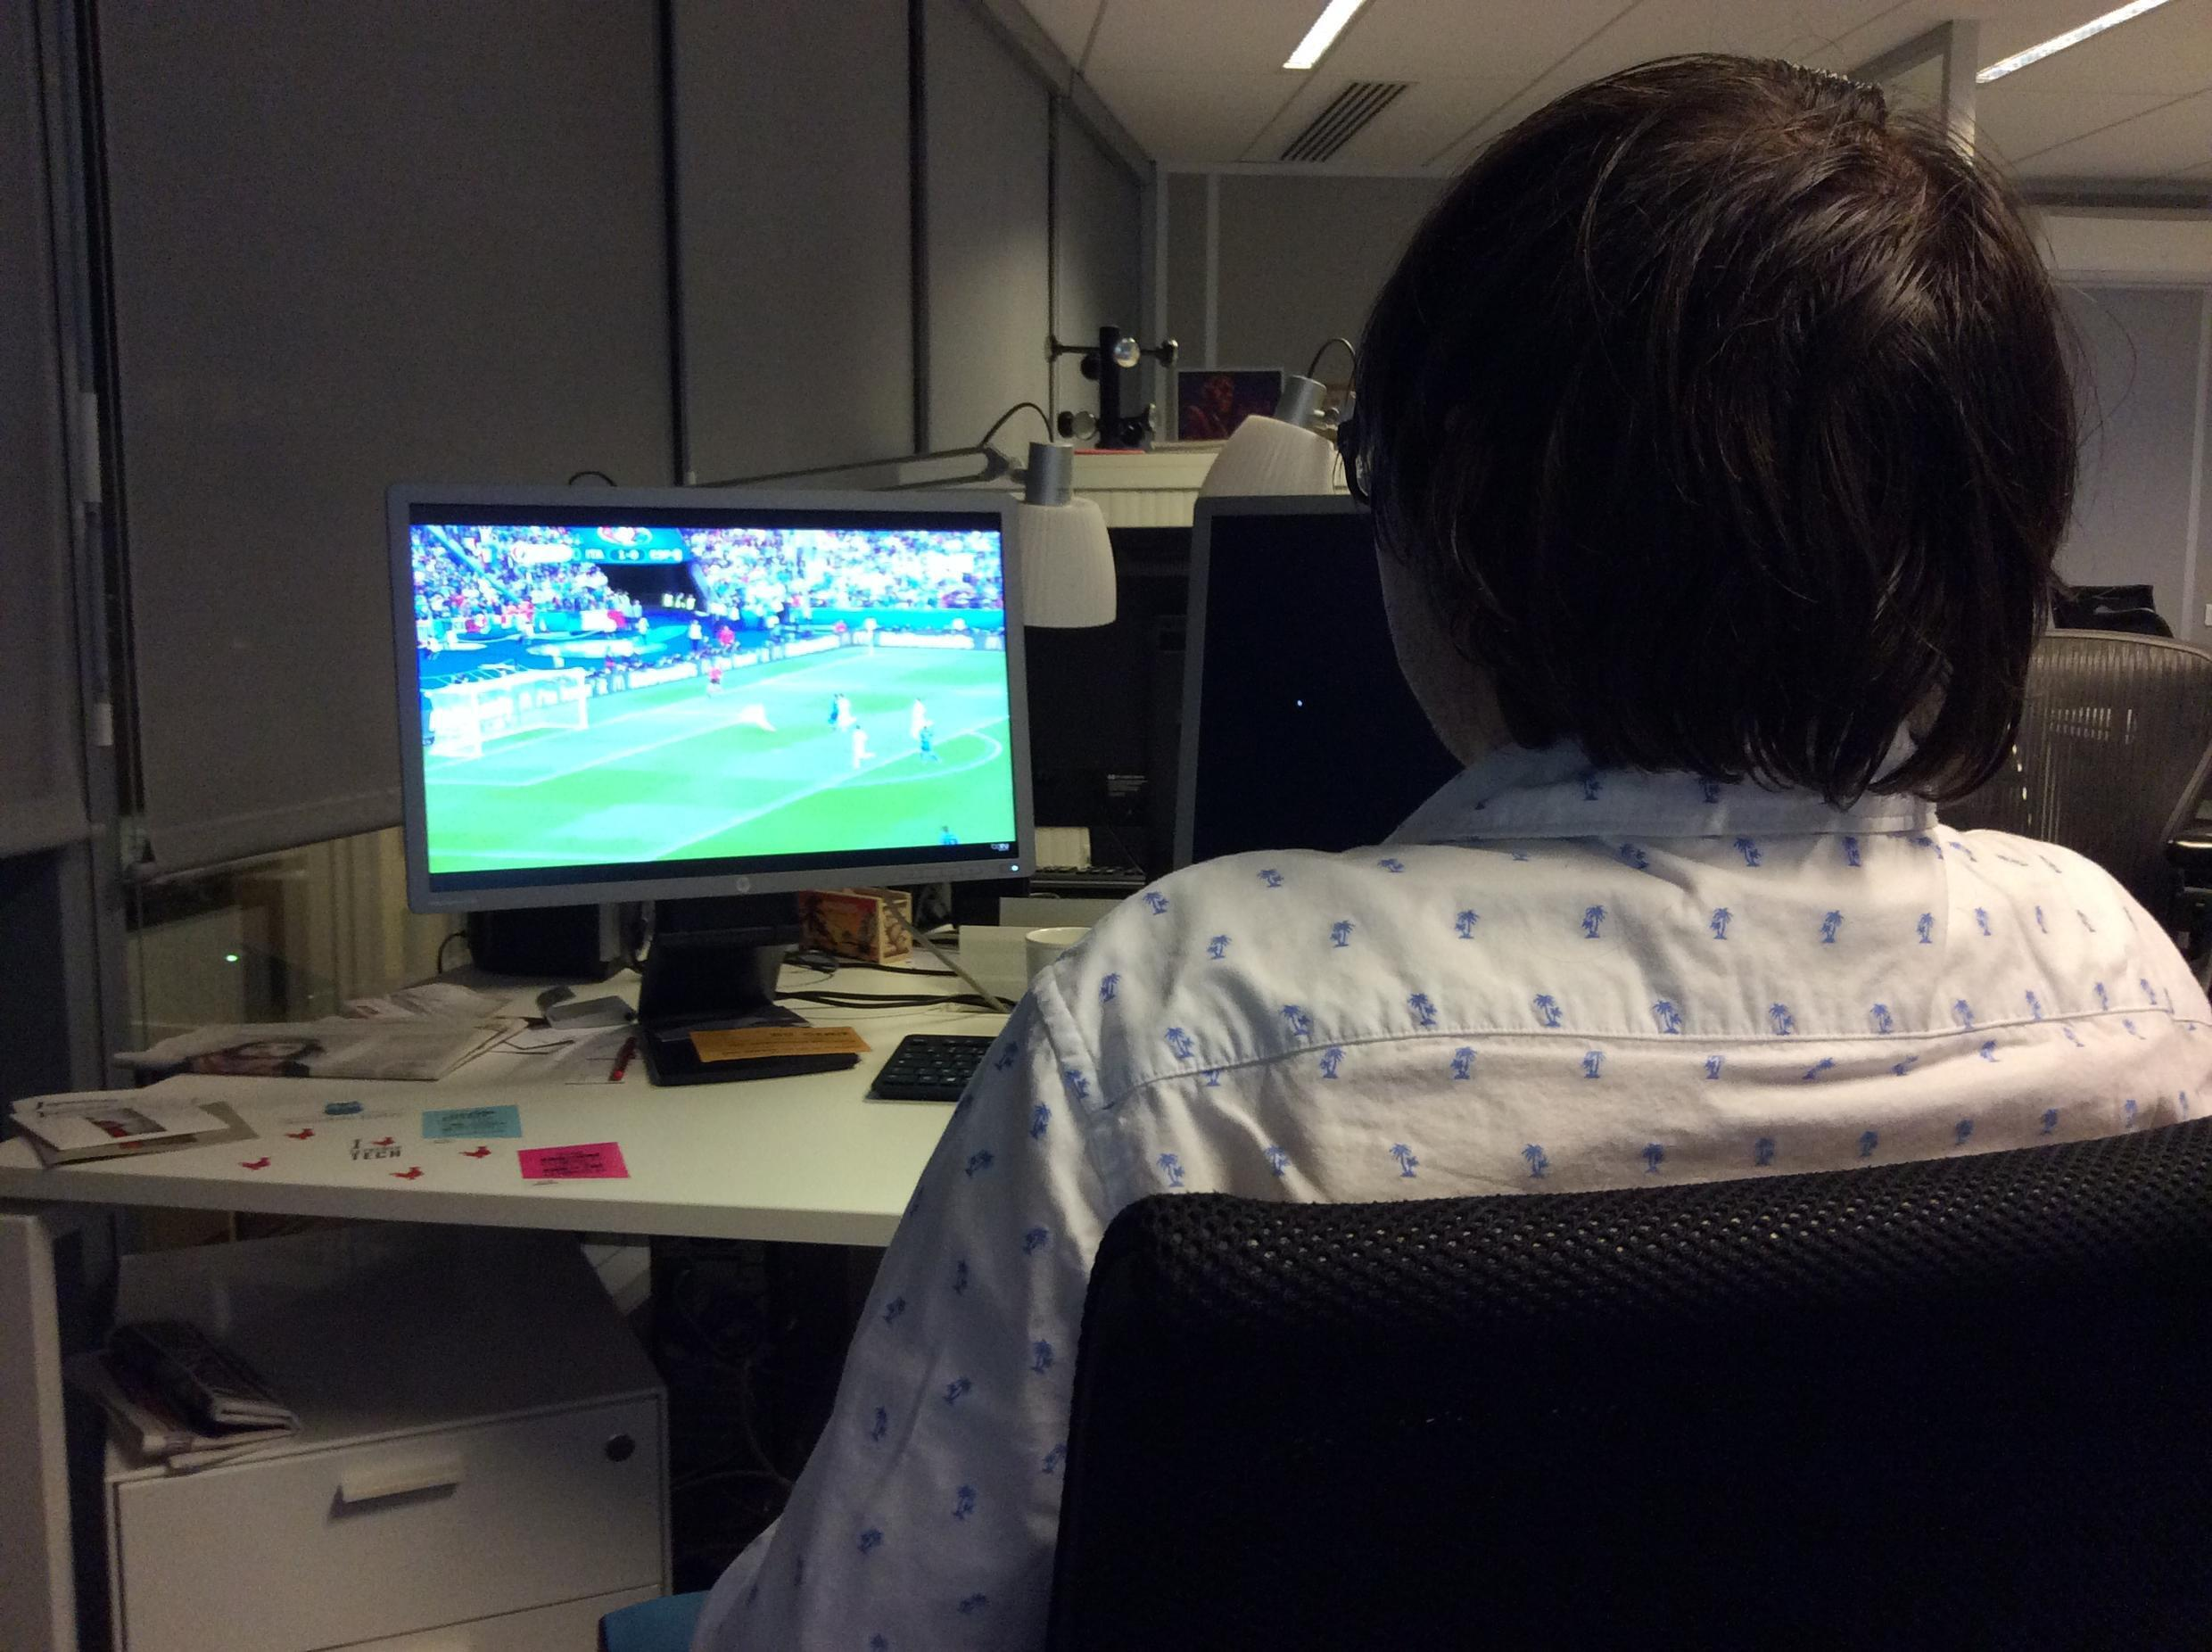 Certains profitent de la connexion Internet sur leur lieu de travail pour regarder l'Euro 2016...